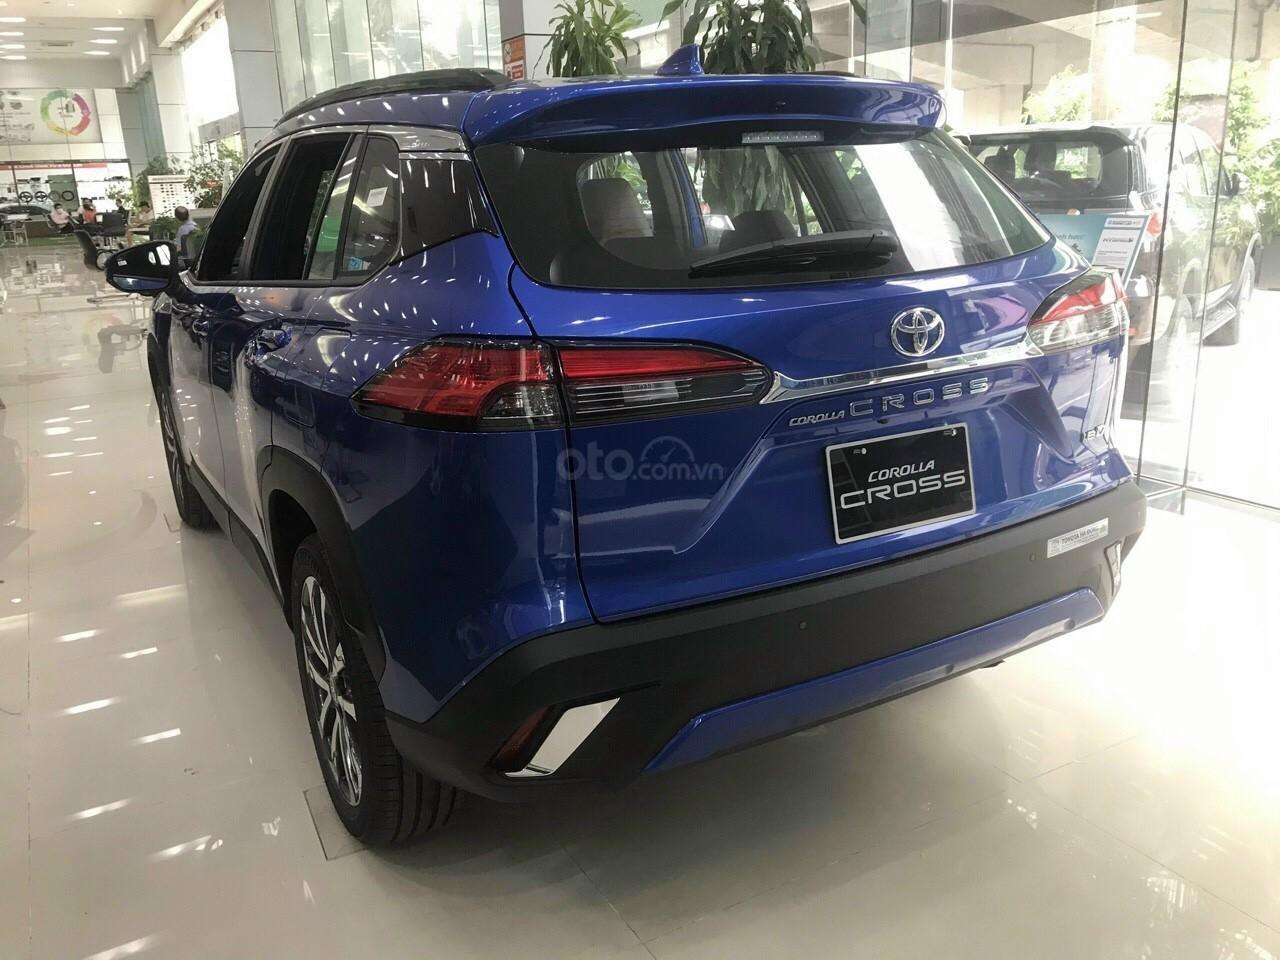 Toyota Cross 1.8V CVT 2020, sang trọng, đẳng cấp (4)